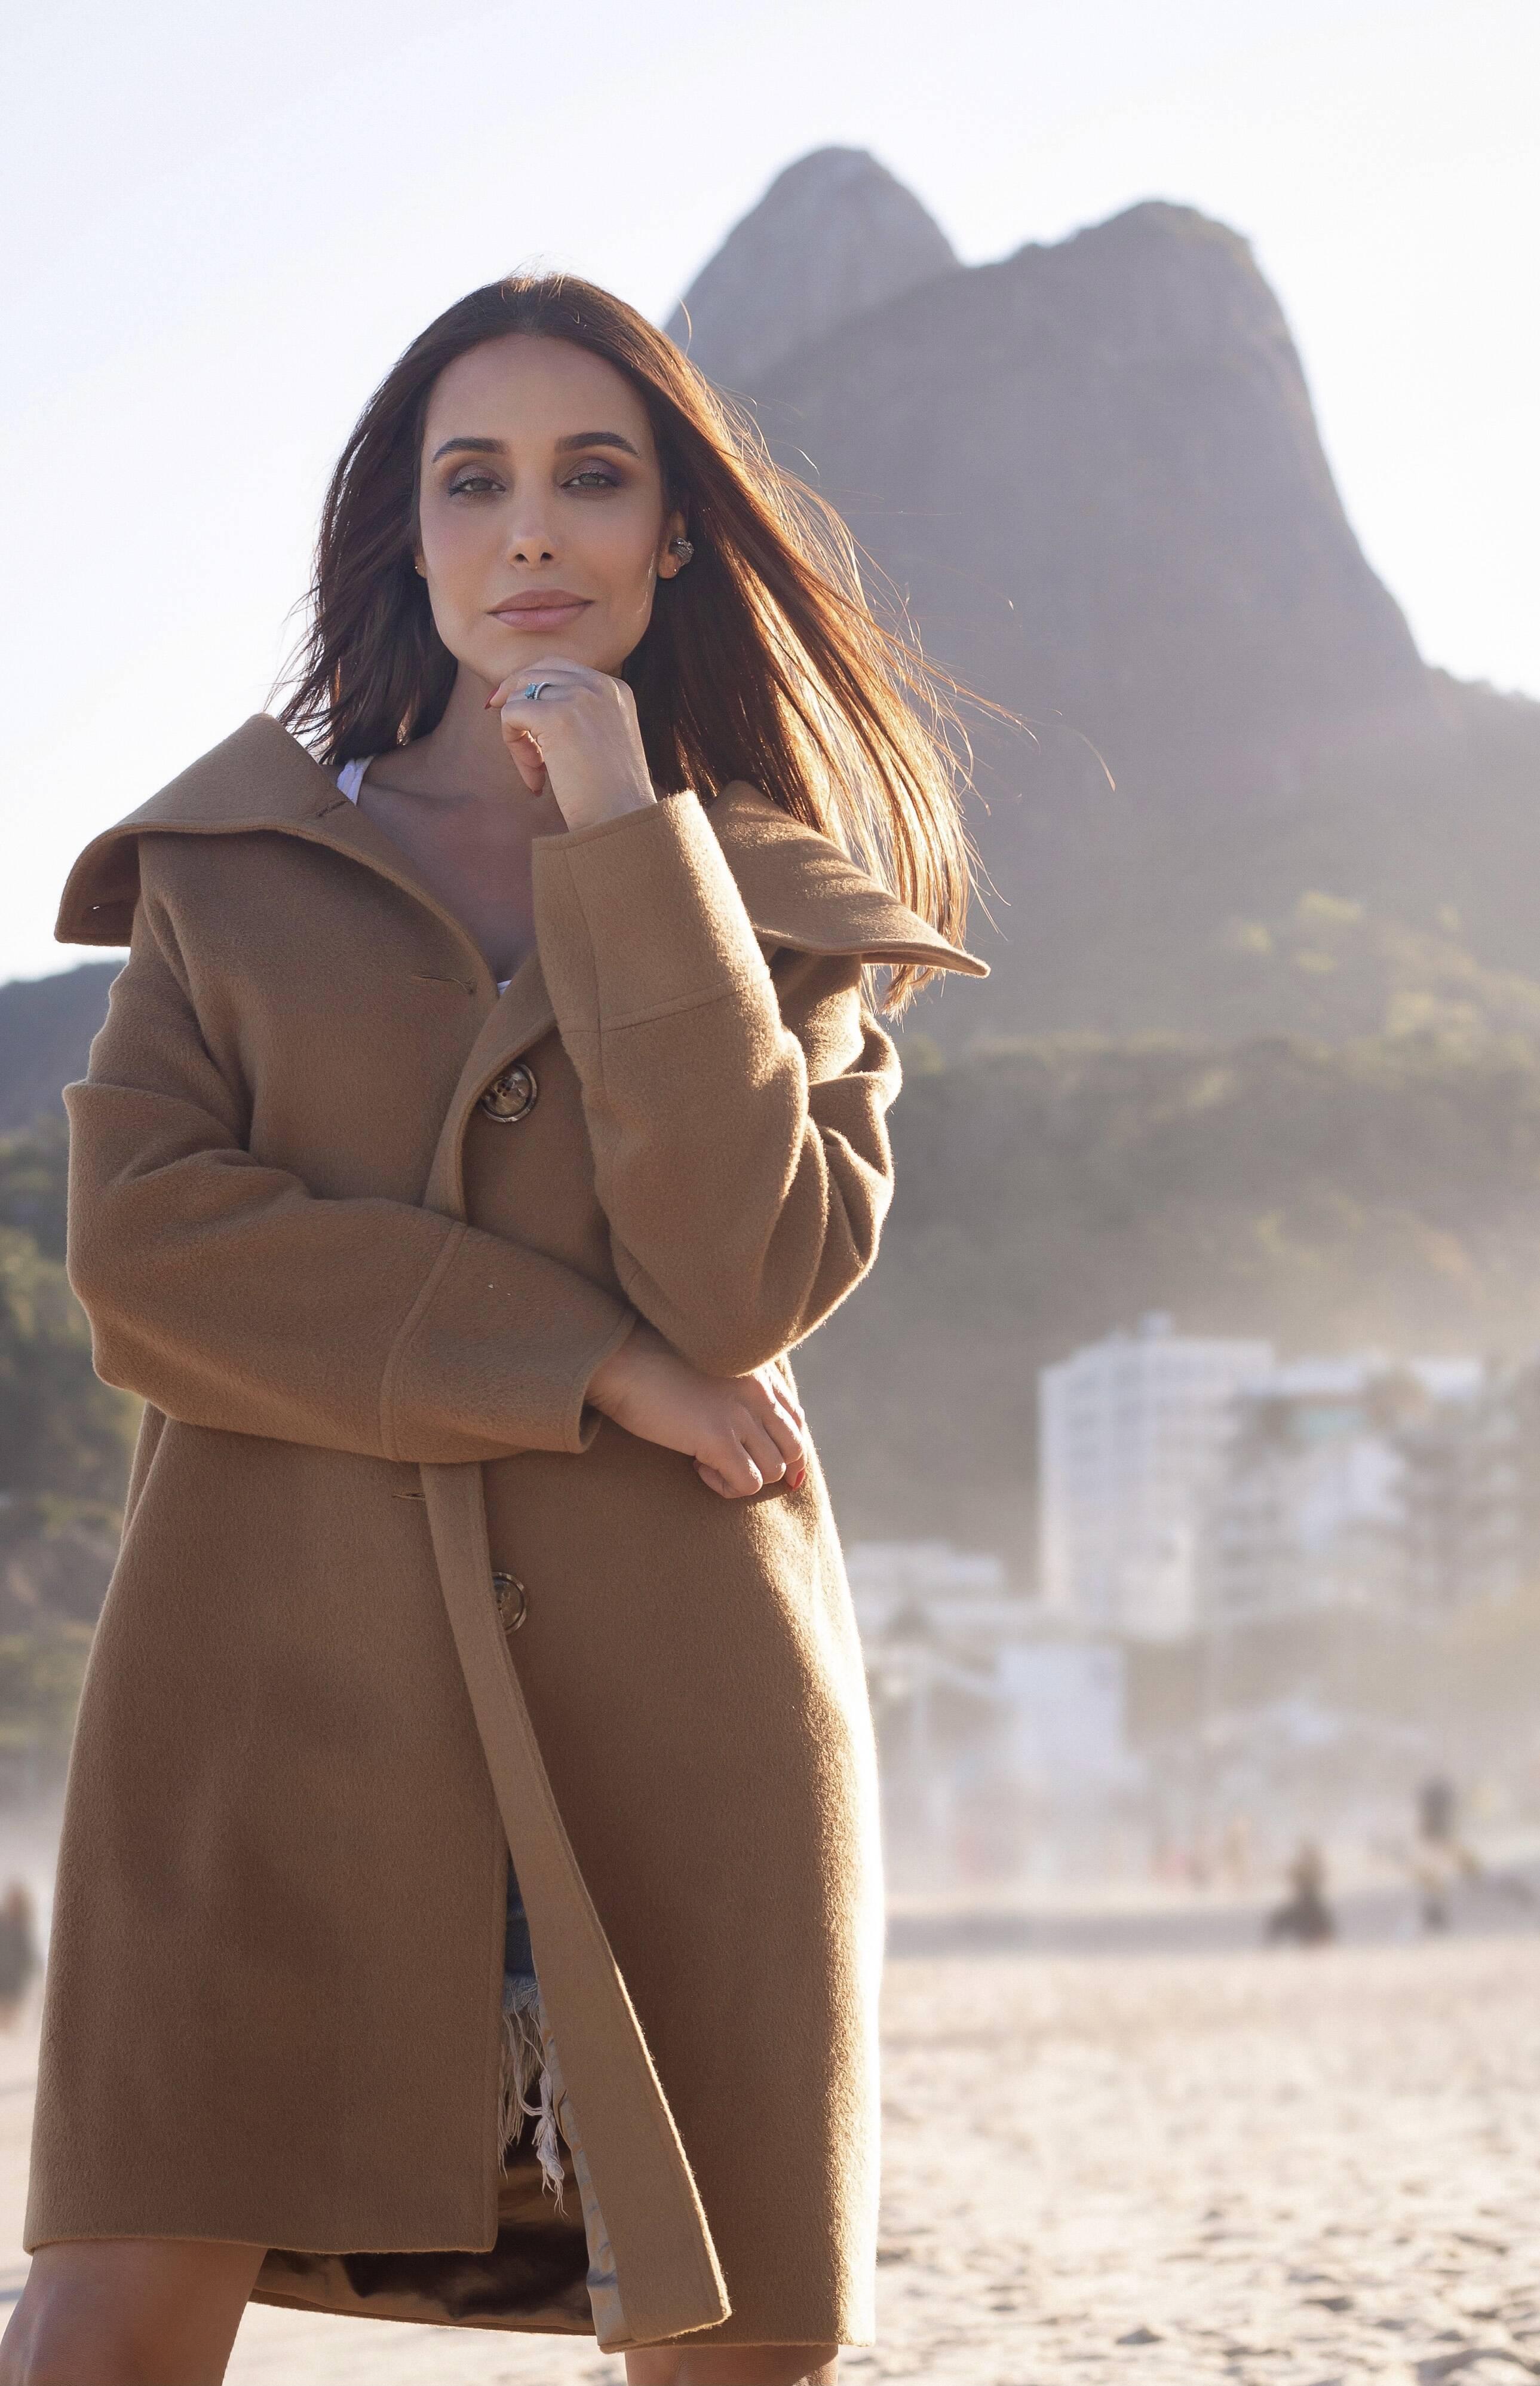 """Na pandemia, Carol Marra foi premiada no Festival de Cinema de Muriaé pelo curta-metragem """"Charlotte"""". Foto: Marco Antônio Bazan"""